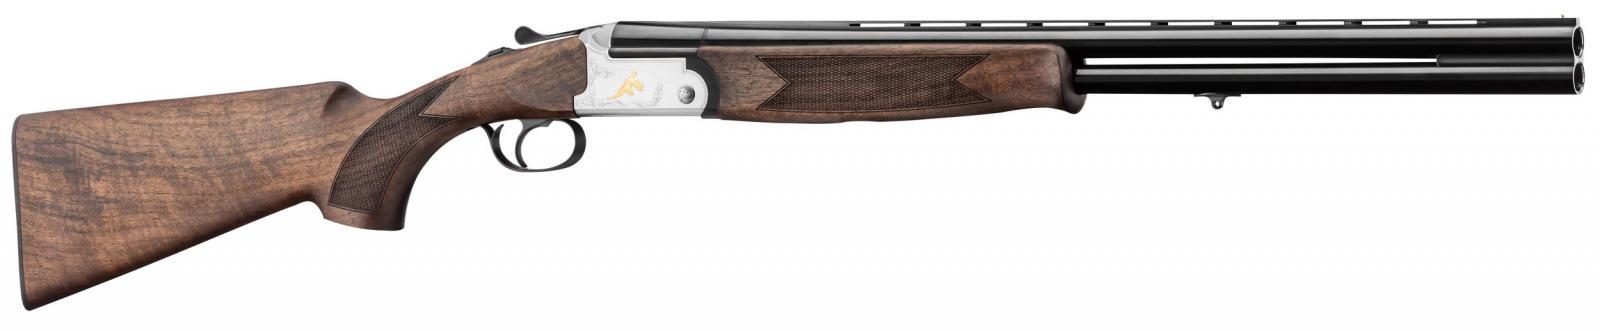 Fusil superposé FAIR PREMIER ERGAL Mono détente Cal. 20/76